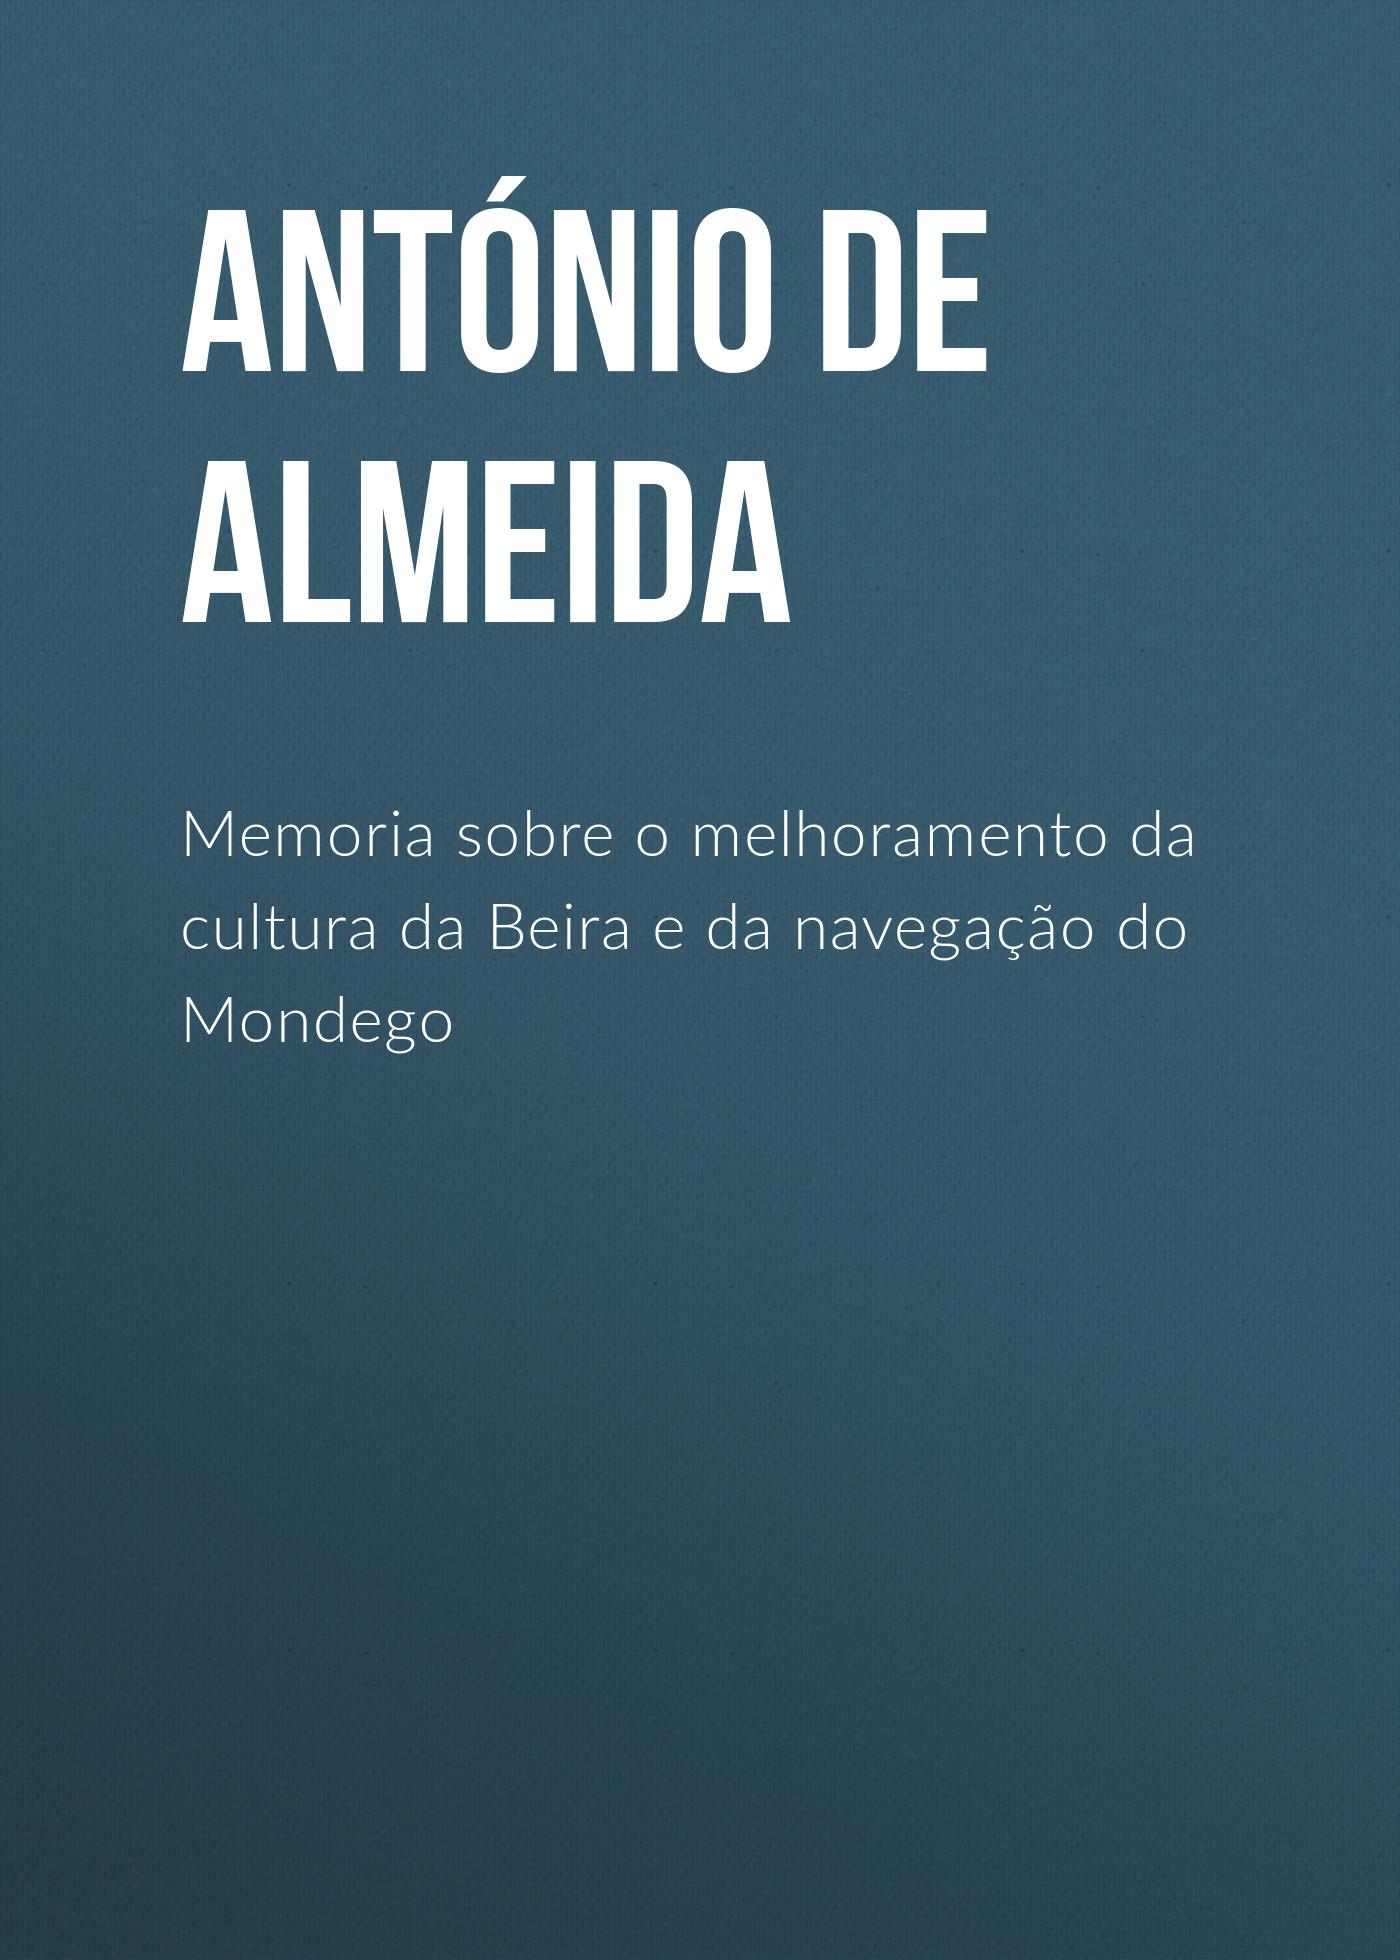 António de Almeida Memoria sobre o melhoramento da cultura da Beira e da navegação do Mondego onstage da 100